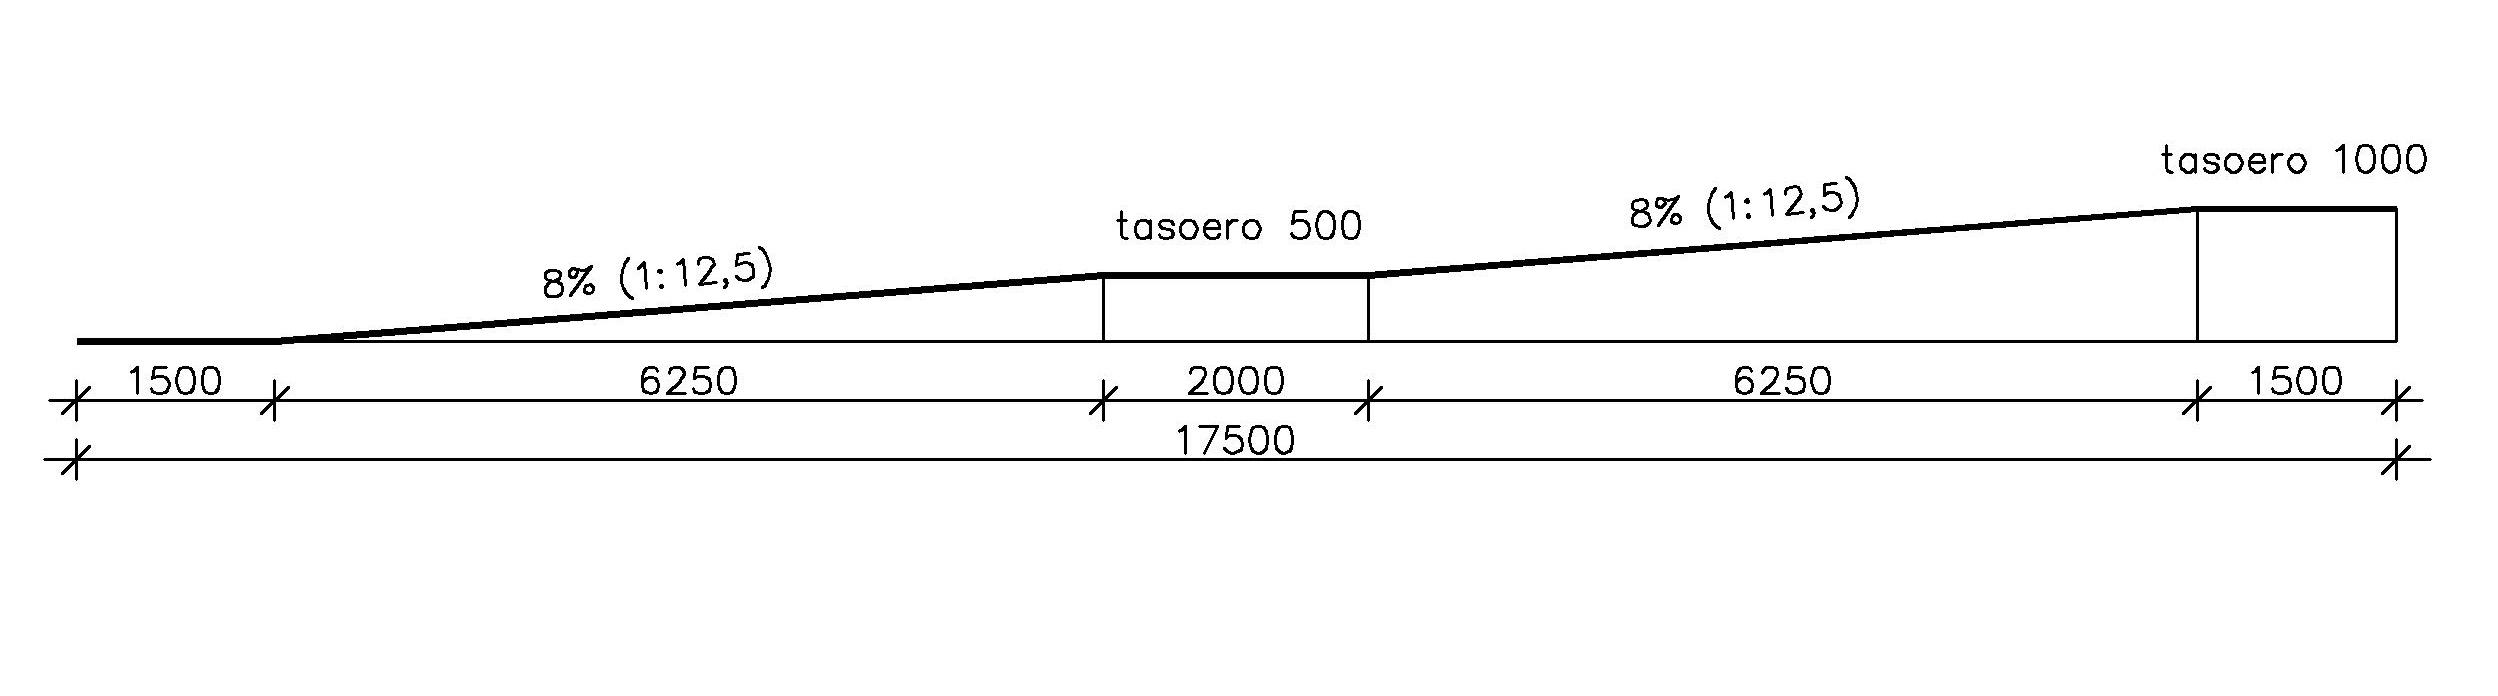 Luiskan kaltevuus voi olla jyrkempi, kuitenkin enintään 8 % (1:12,5), jos tasoero on korkeintaan 1000 mm.